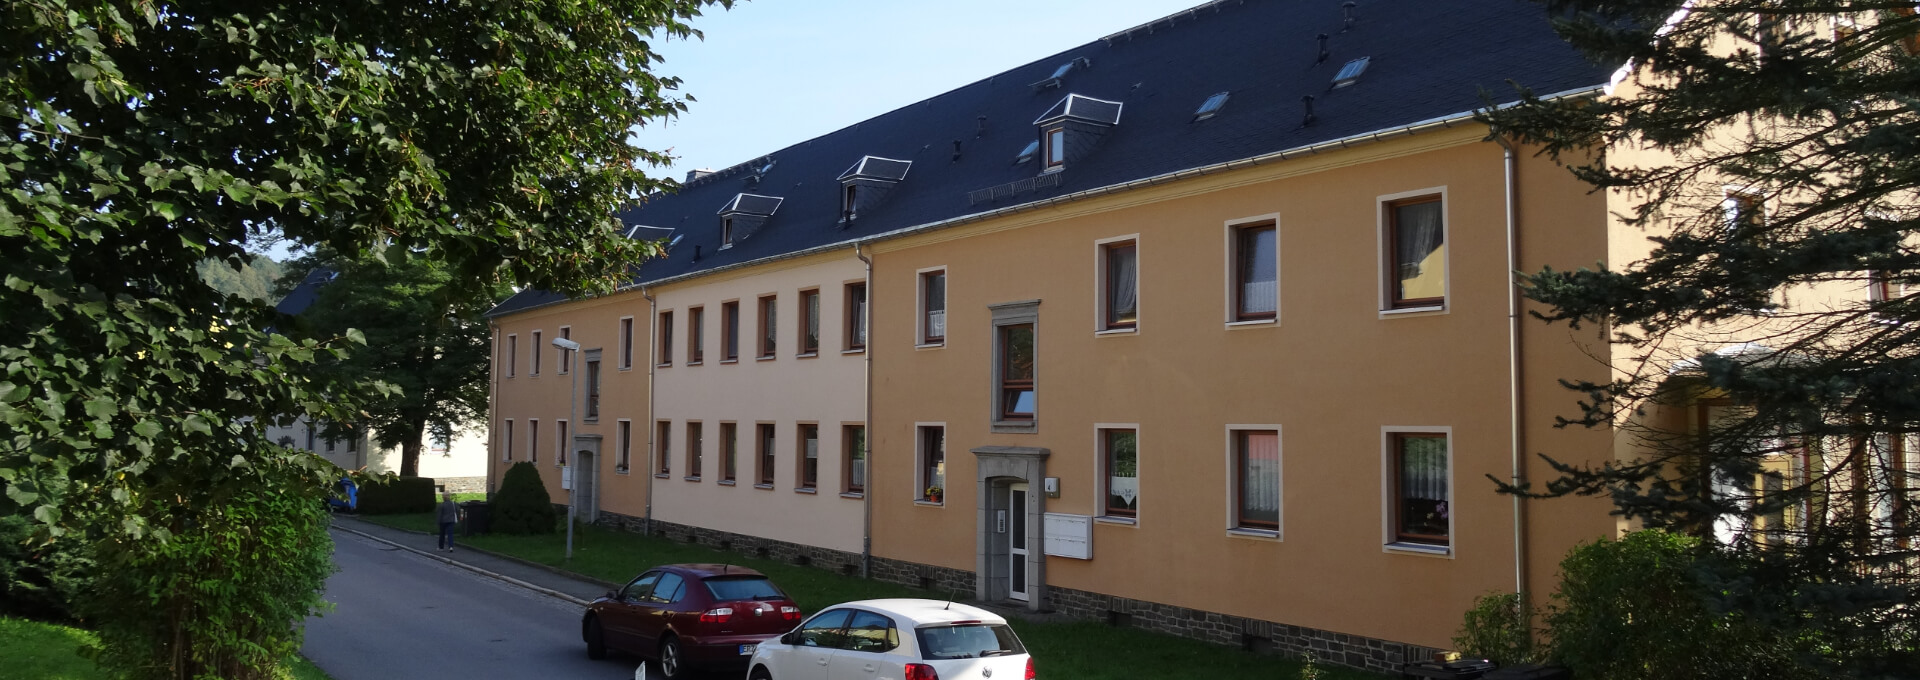 Robert-Koch-Straße Zschopau